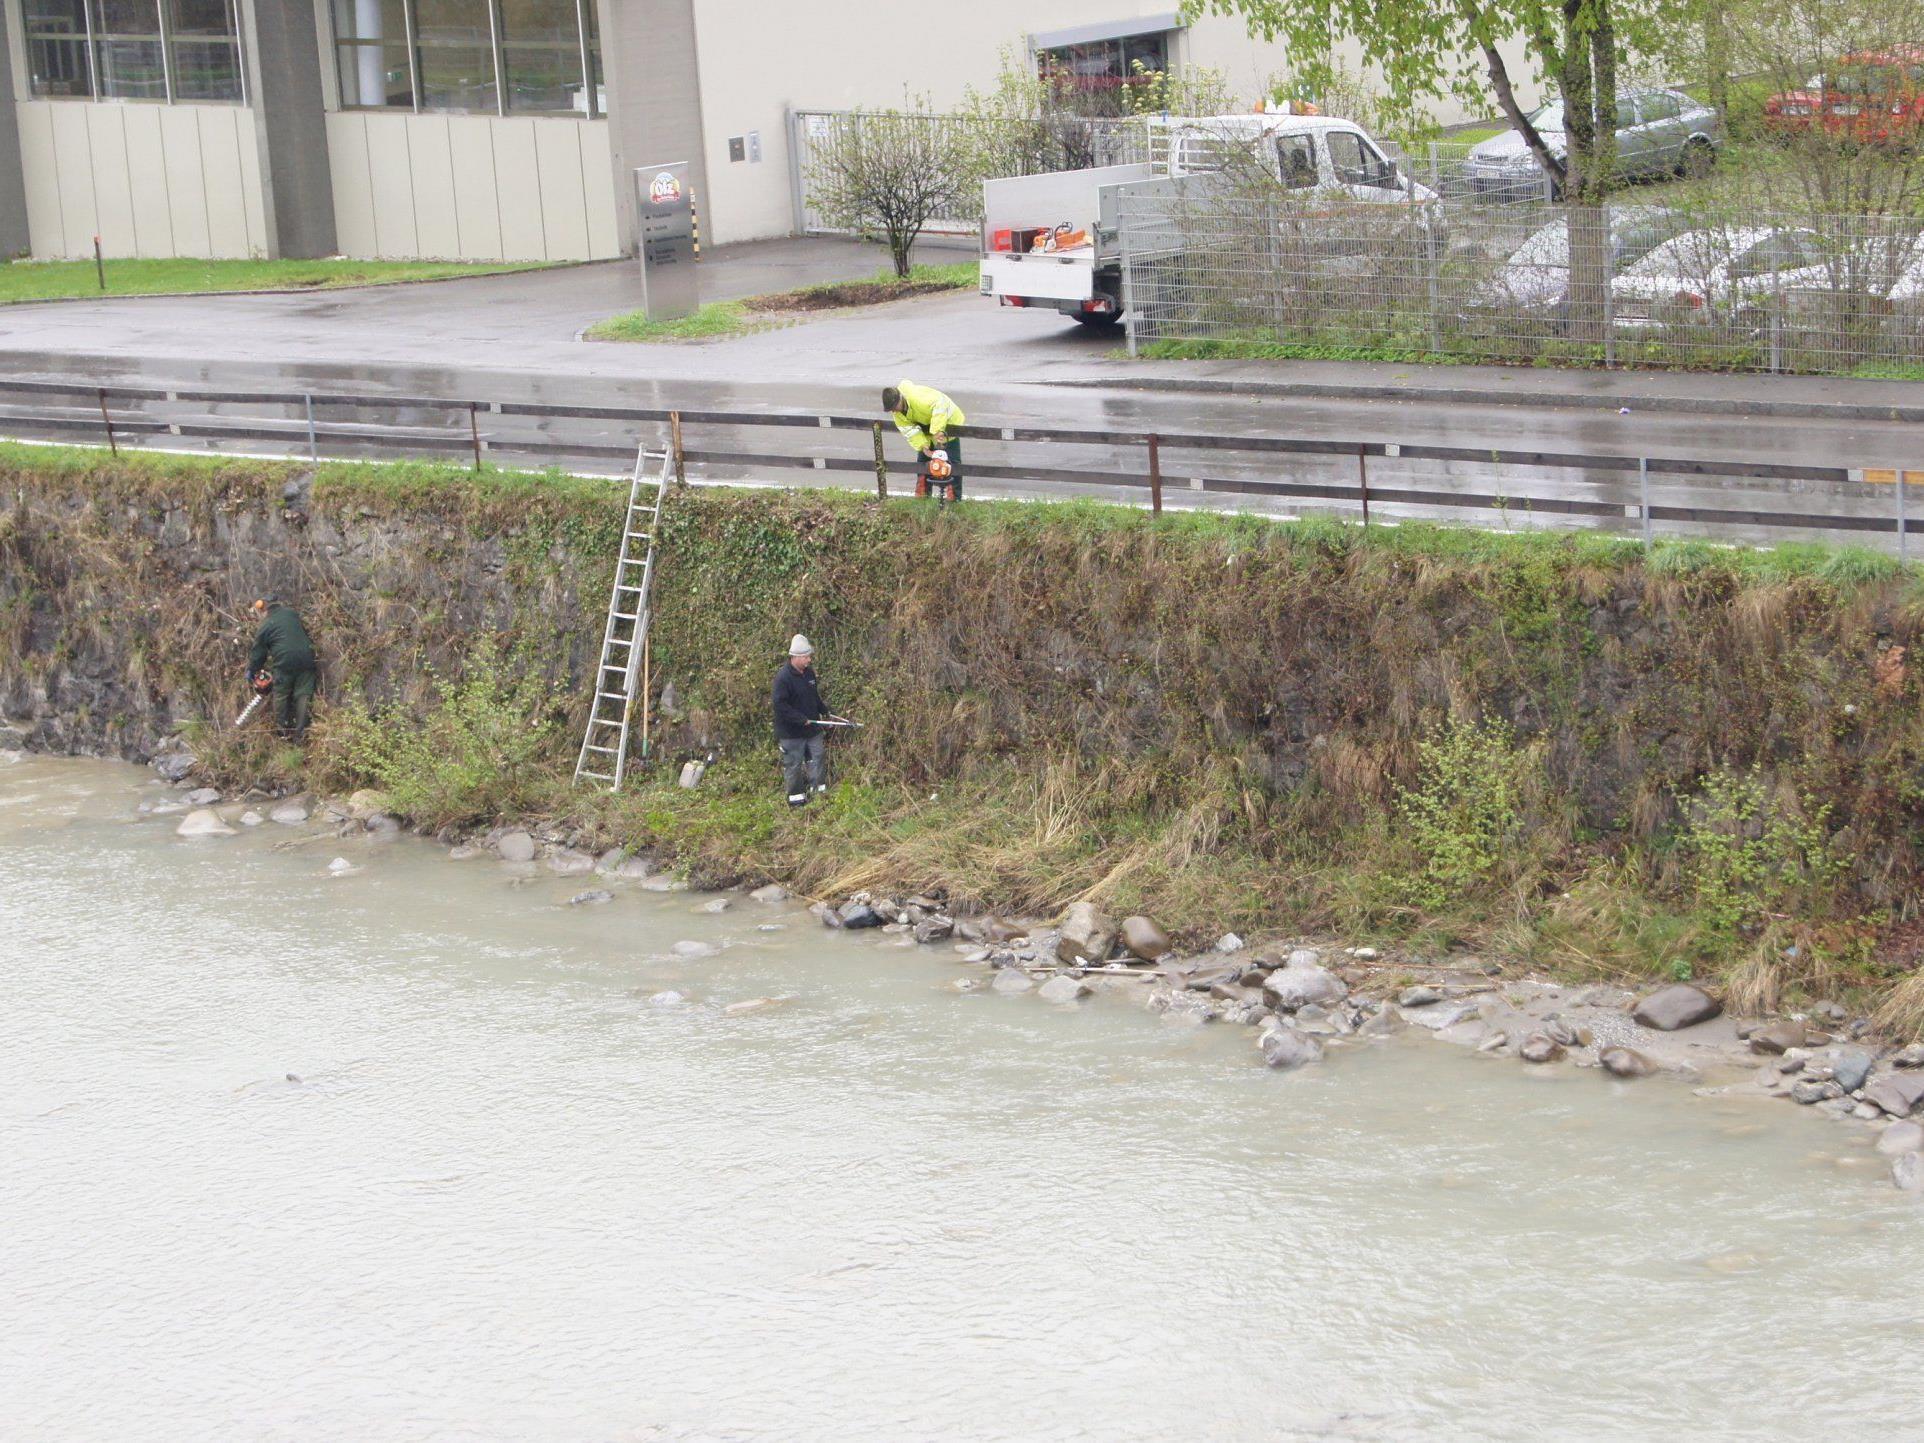 Uferreinigung an der Dornbirner Ache im Bereich der Achstraße.